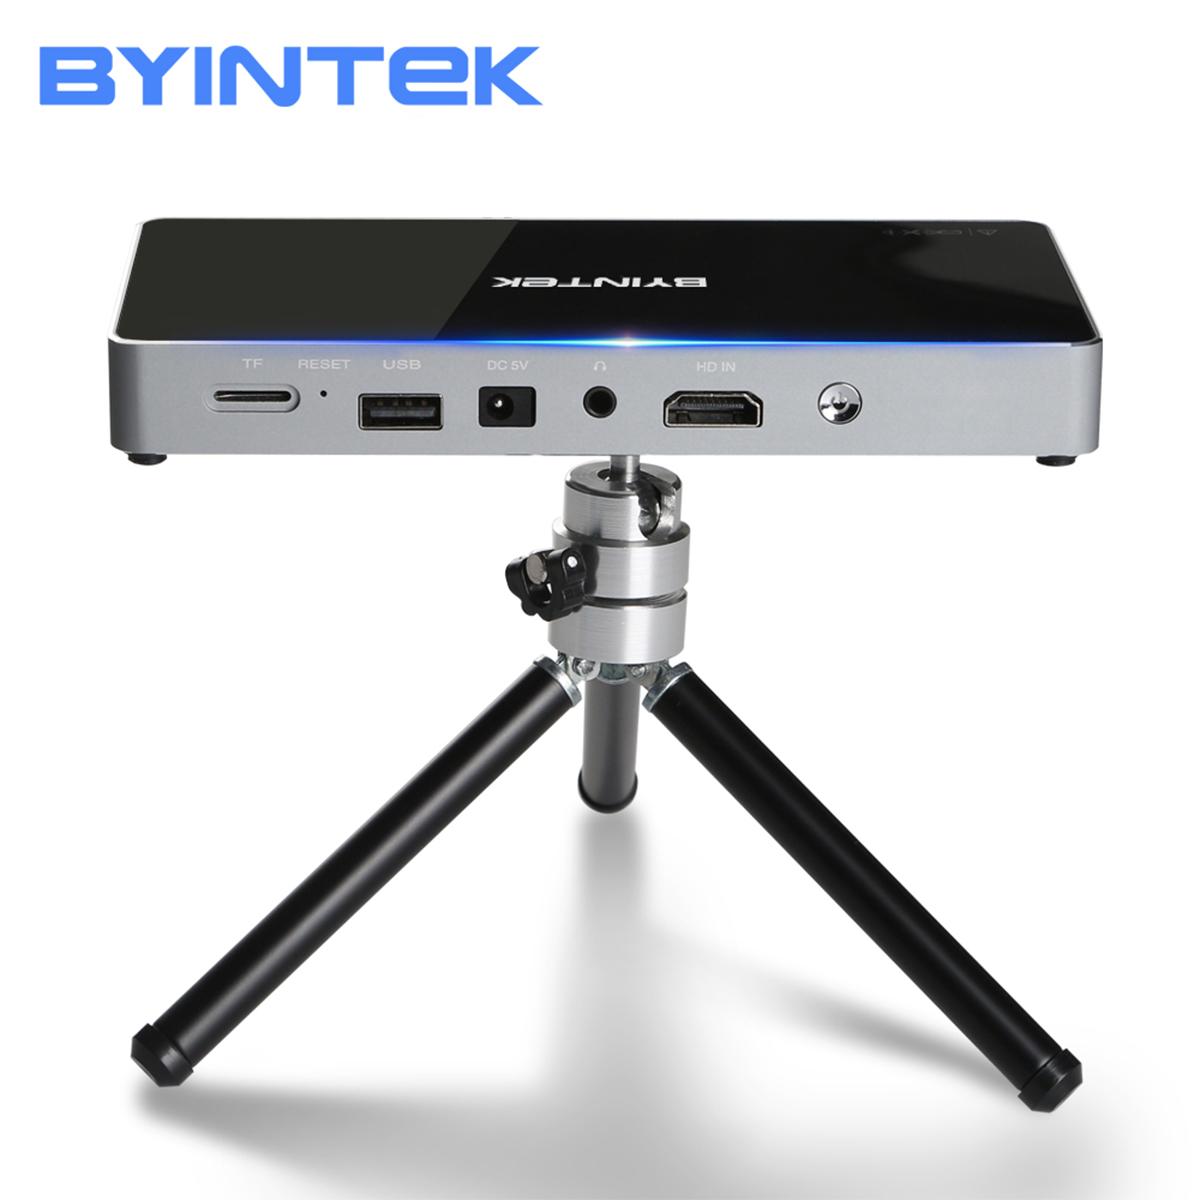 Máy chiếu Mini Thông Minh Byintek P10 siêu nhỏ gon hàng chính hãng